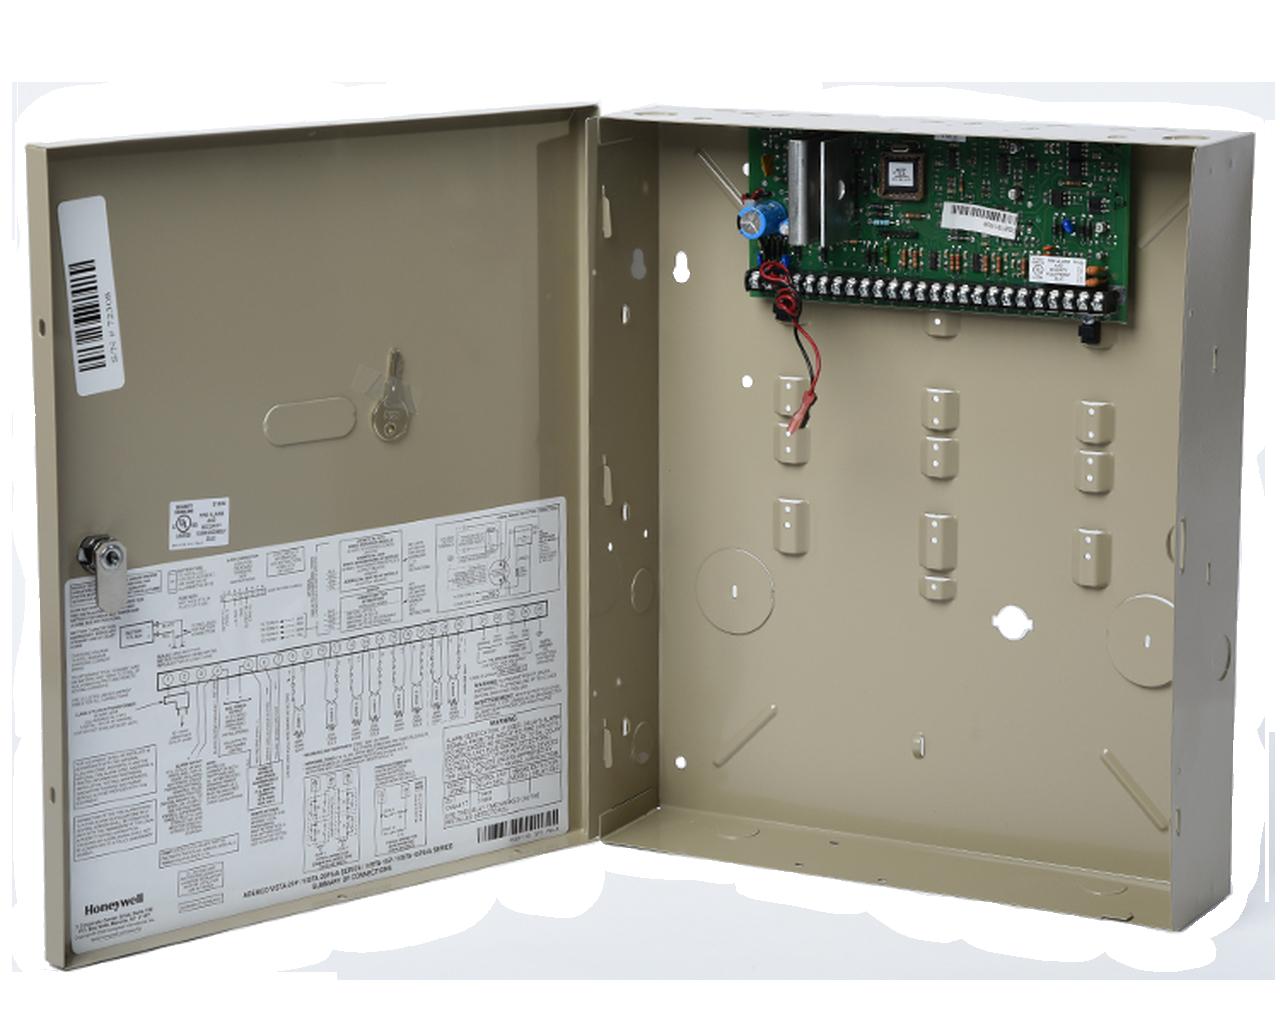 Honeywell Vista 20P Panel Version 10.23